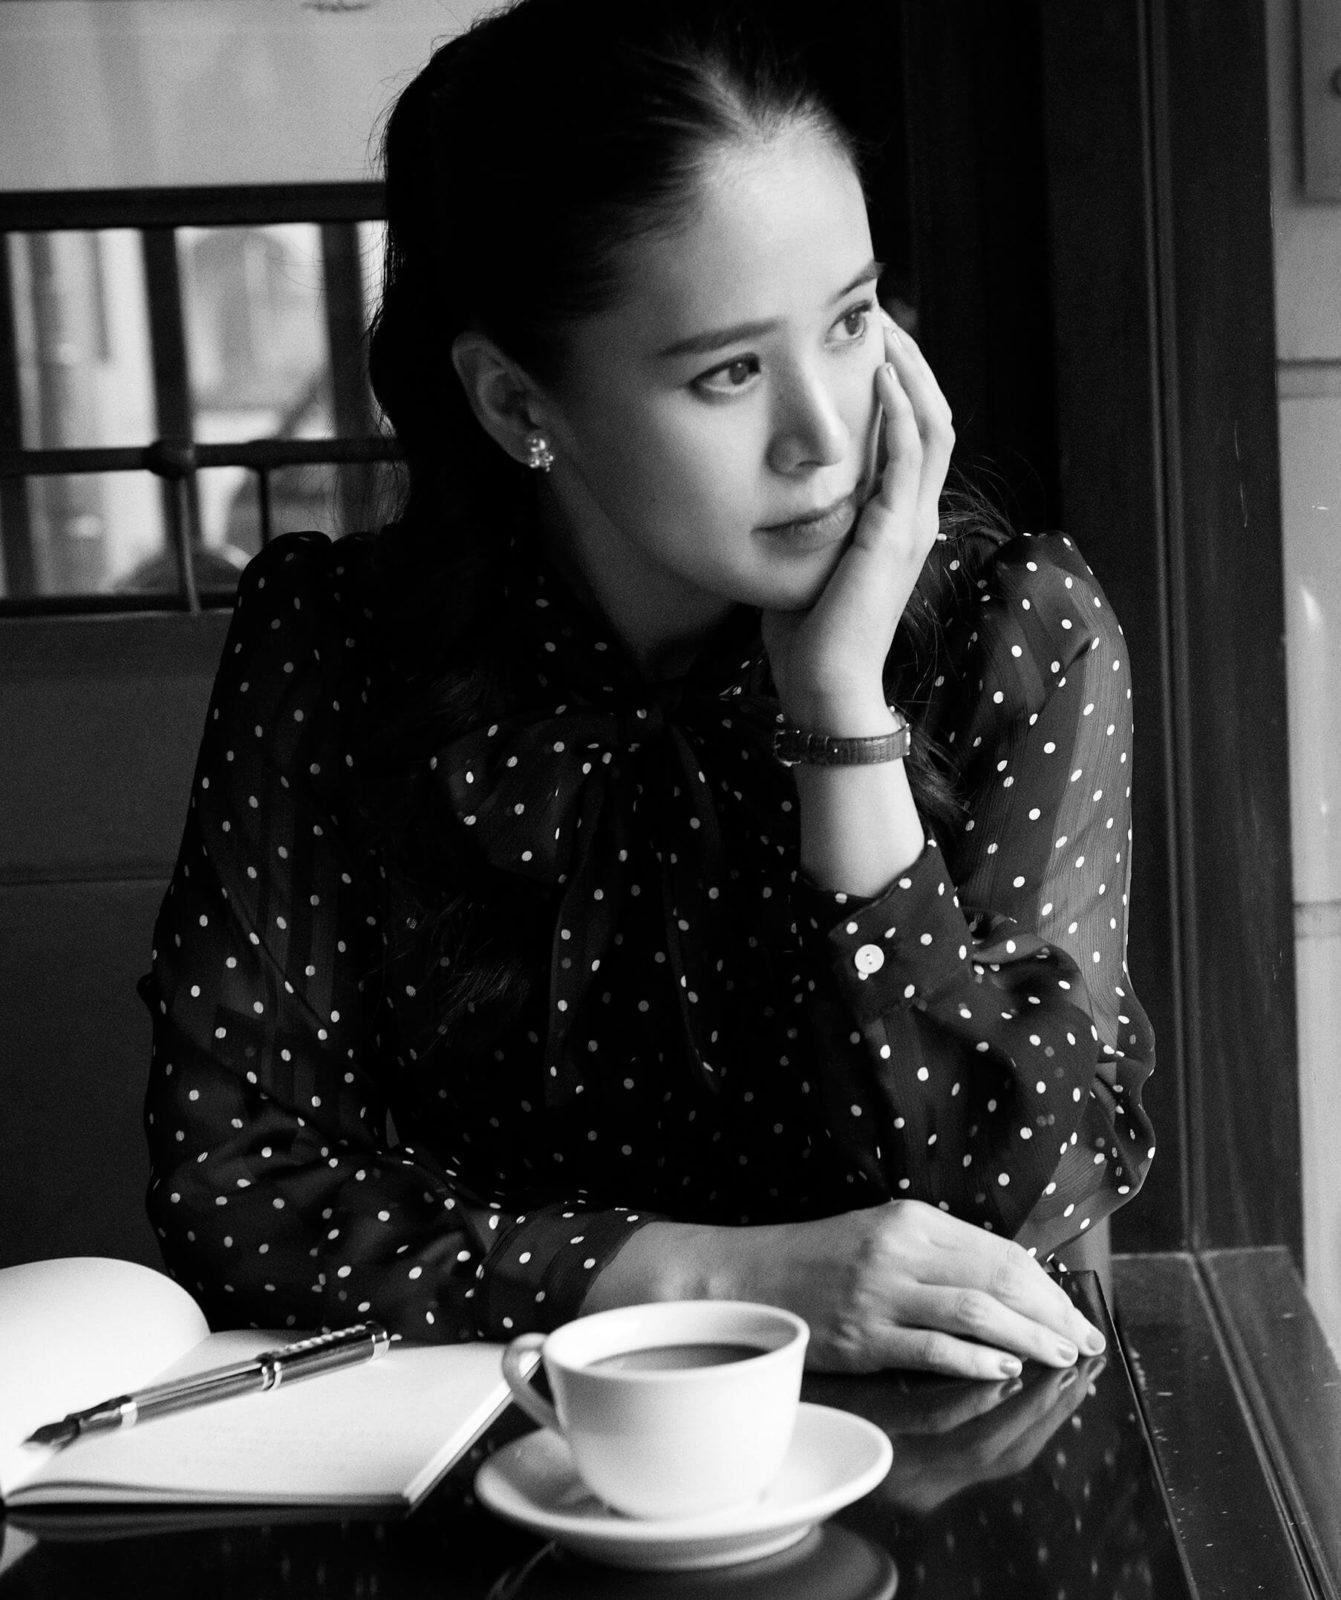 手嶌葵が恋をした映画音楽のカバーアルバムが完成!平井堅とのデュエット曲も収録サムネイル画像!